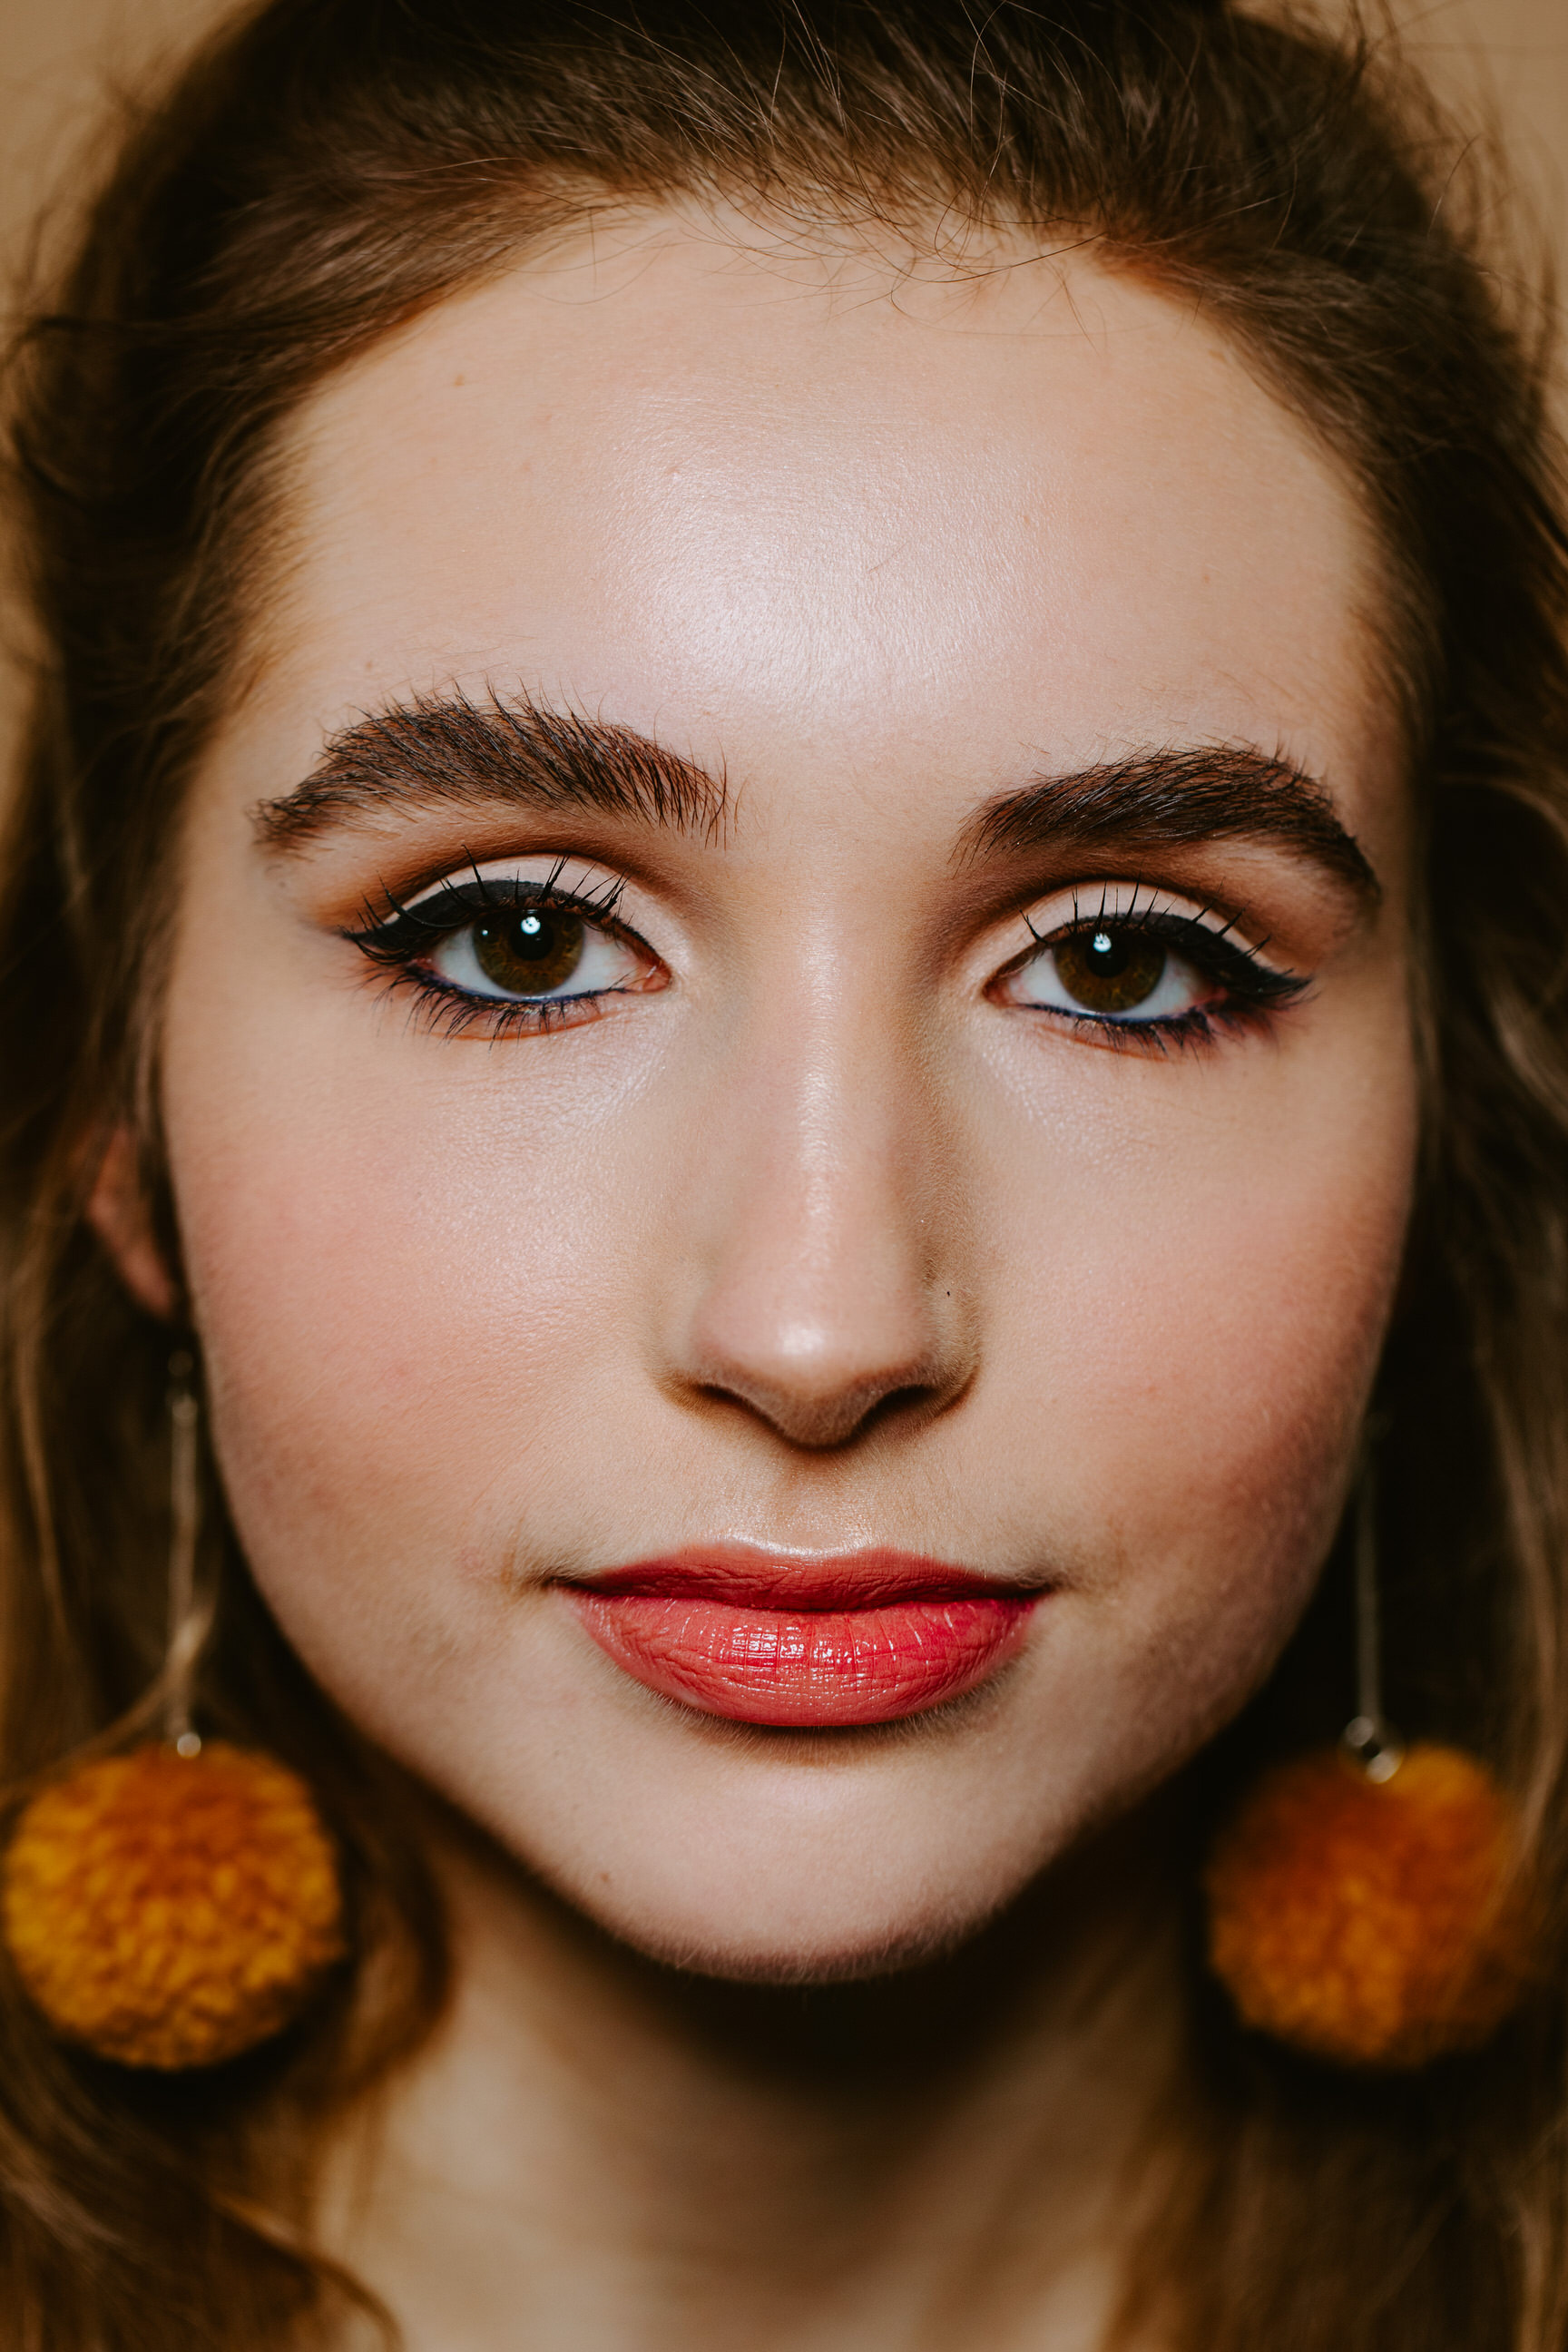 rebekah-earrings-8819.jpg